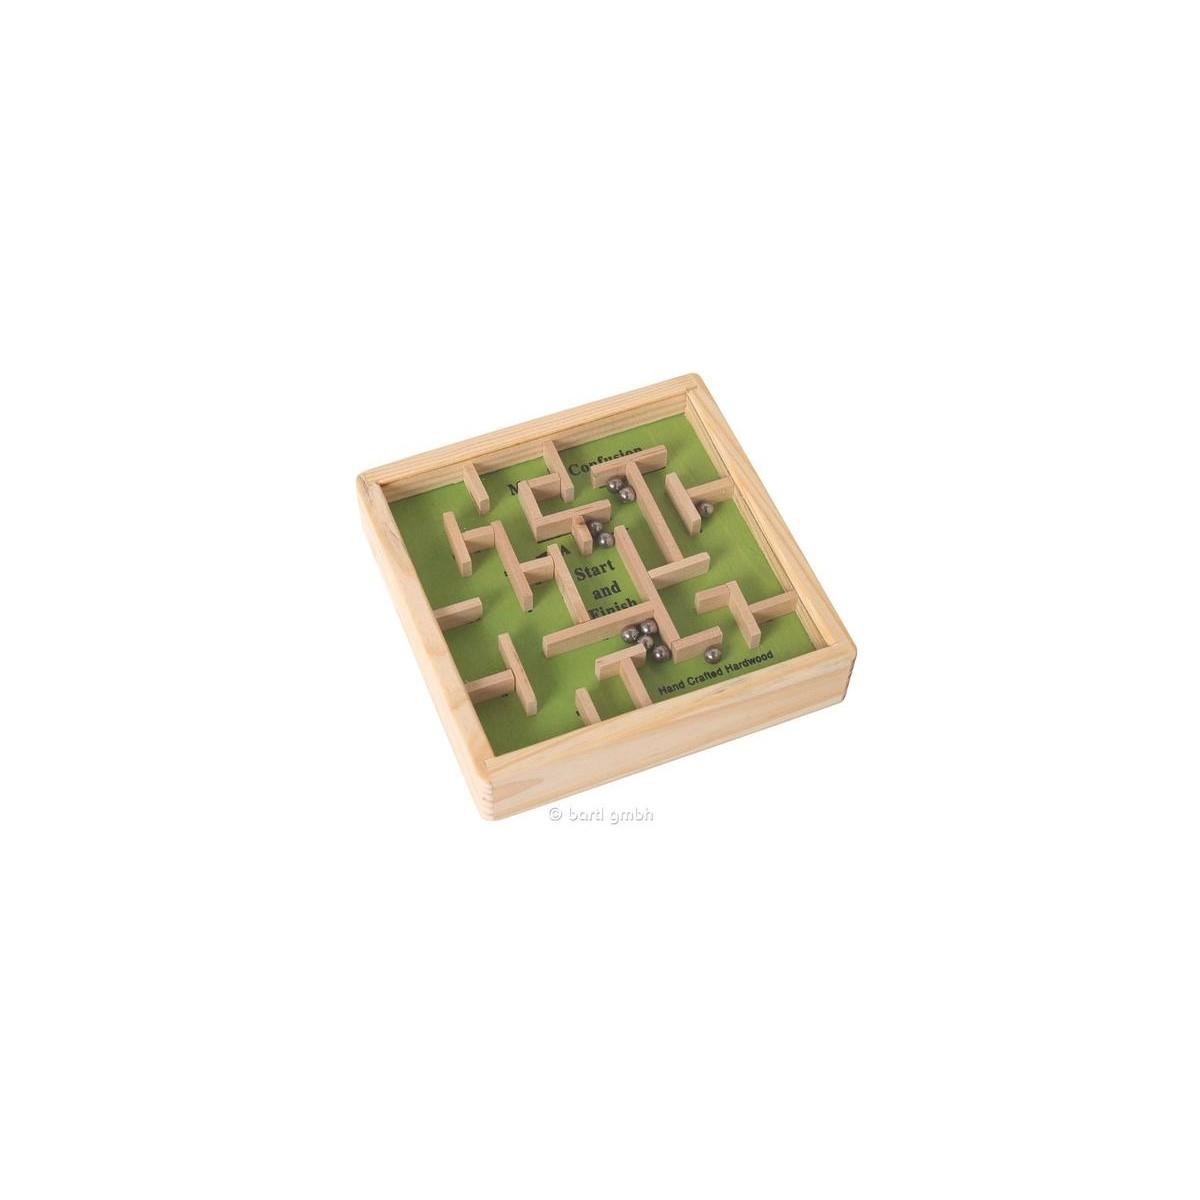 Rompicapo labirinto in legno